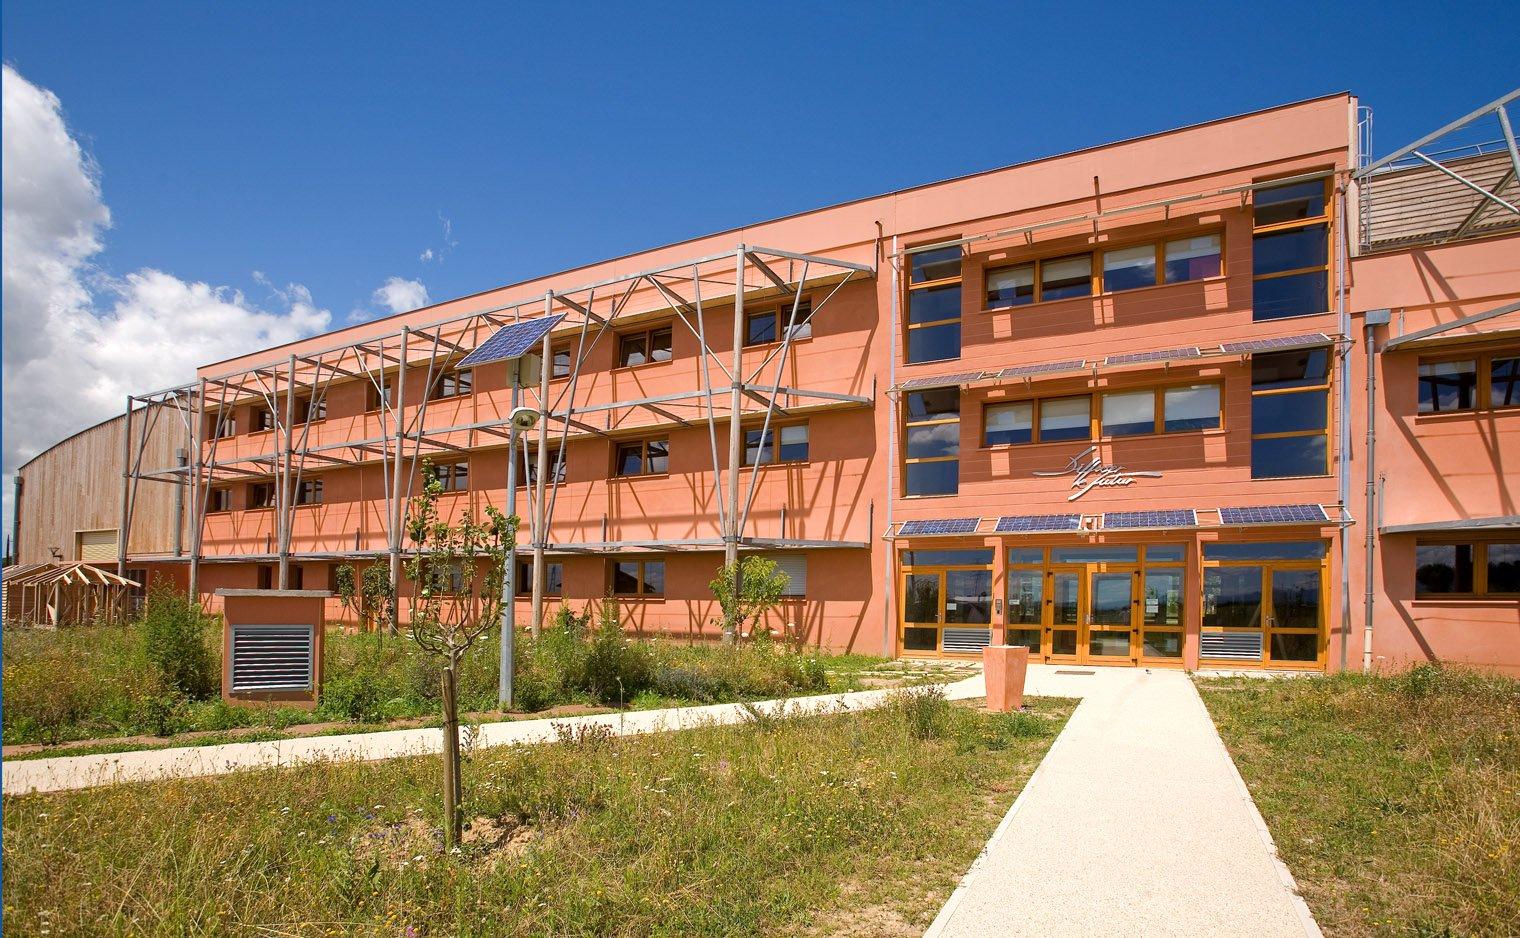 Vue du bâtiment de l'INEED, CCI de la Drôme à Rovaltain